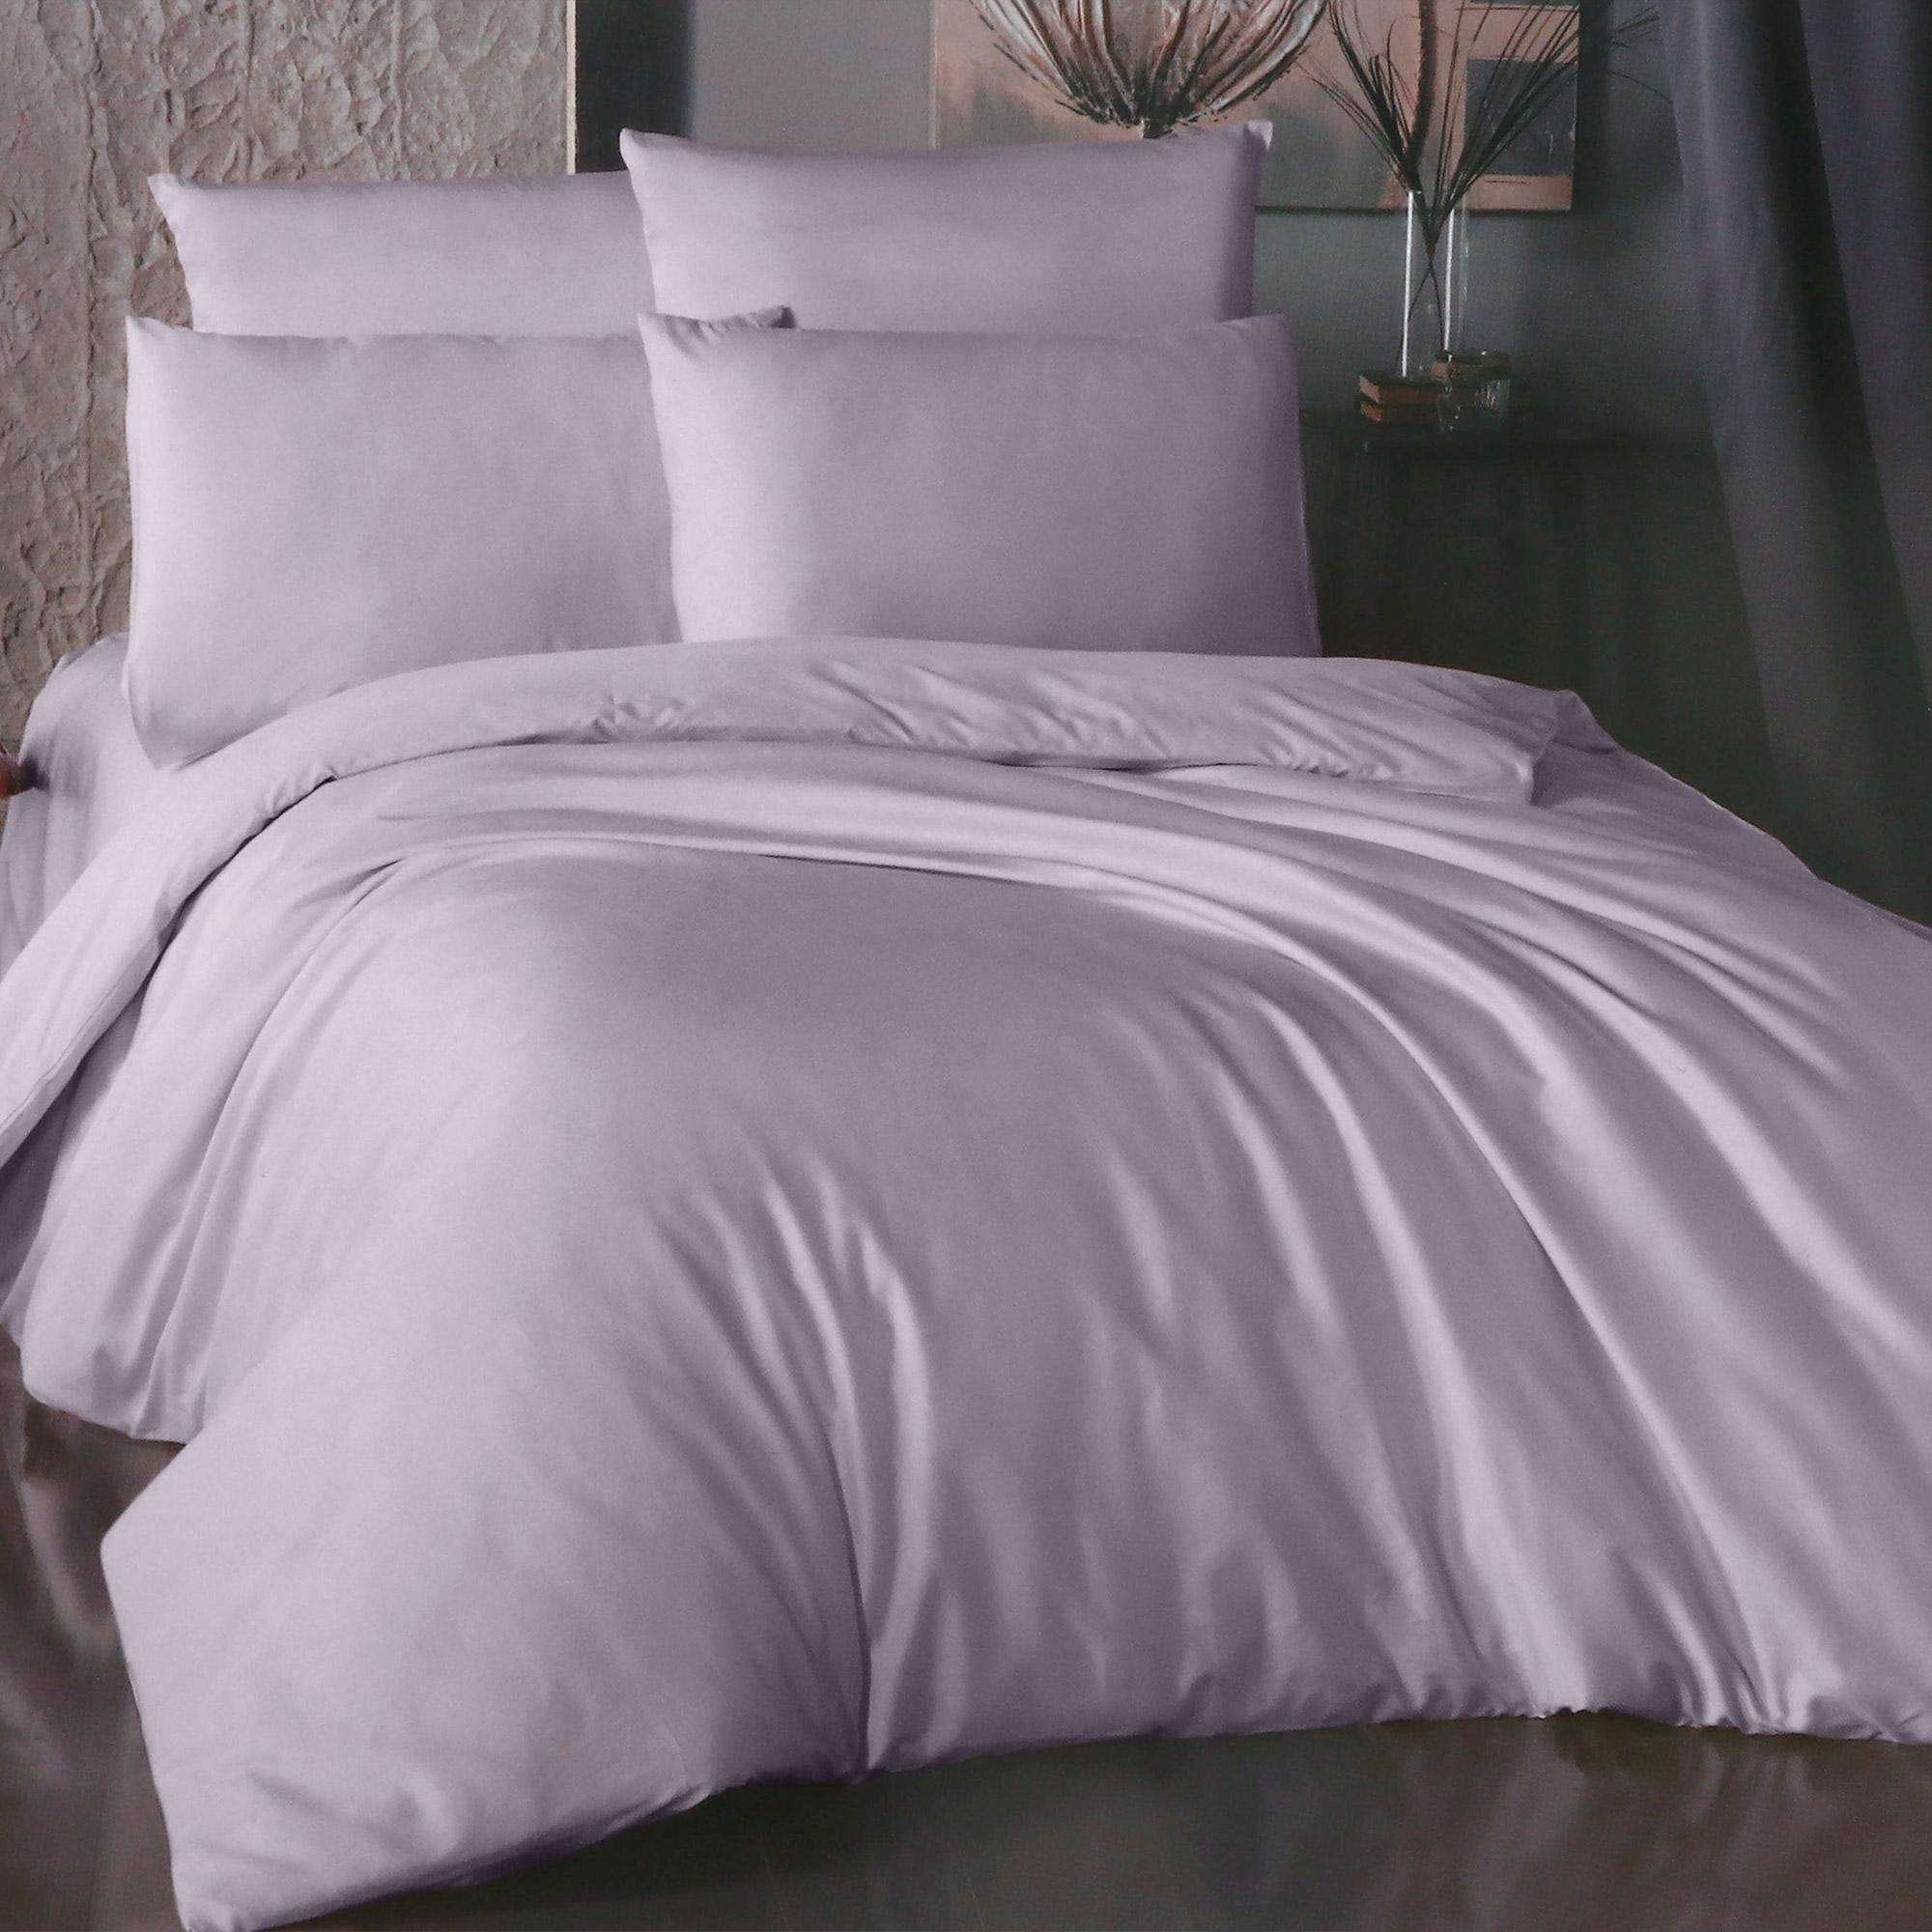 Фото - Комплект постельного белья La Besse Ранфорс лиловый Полуторный комплект постельного белья la besse ранфорс тёмно серый евро